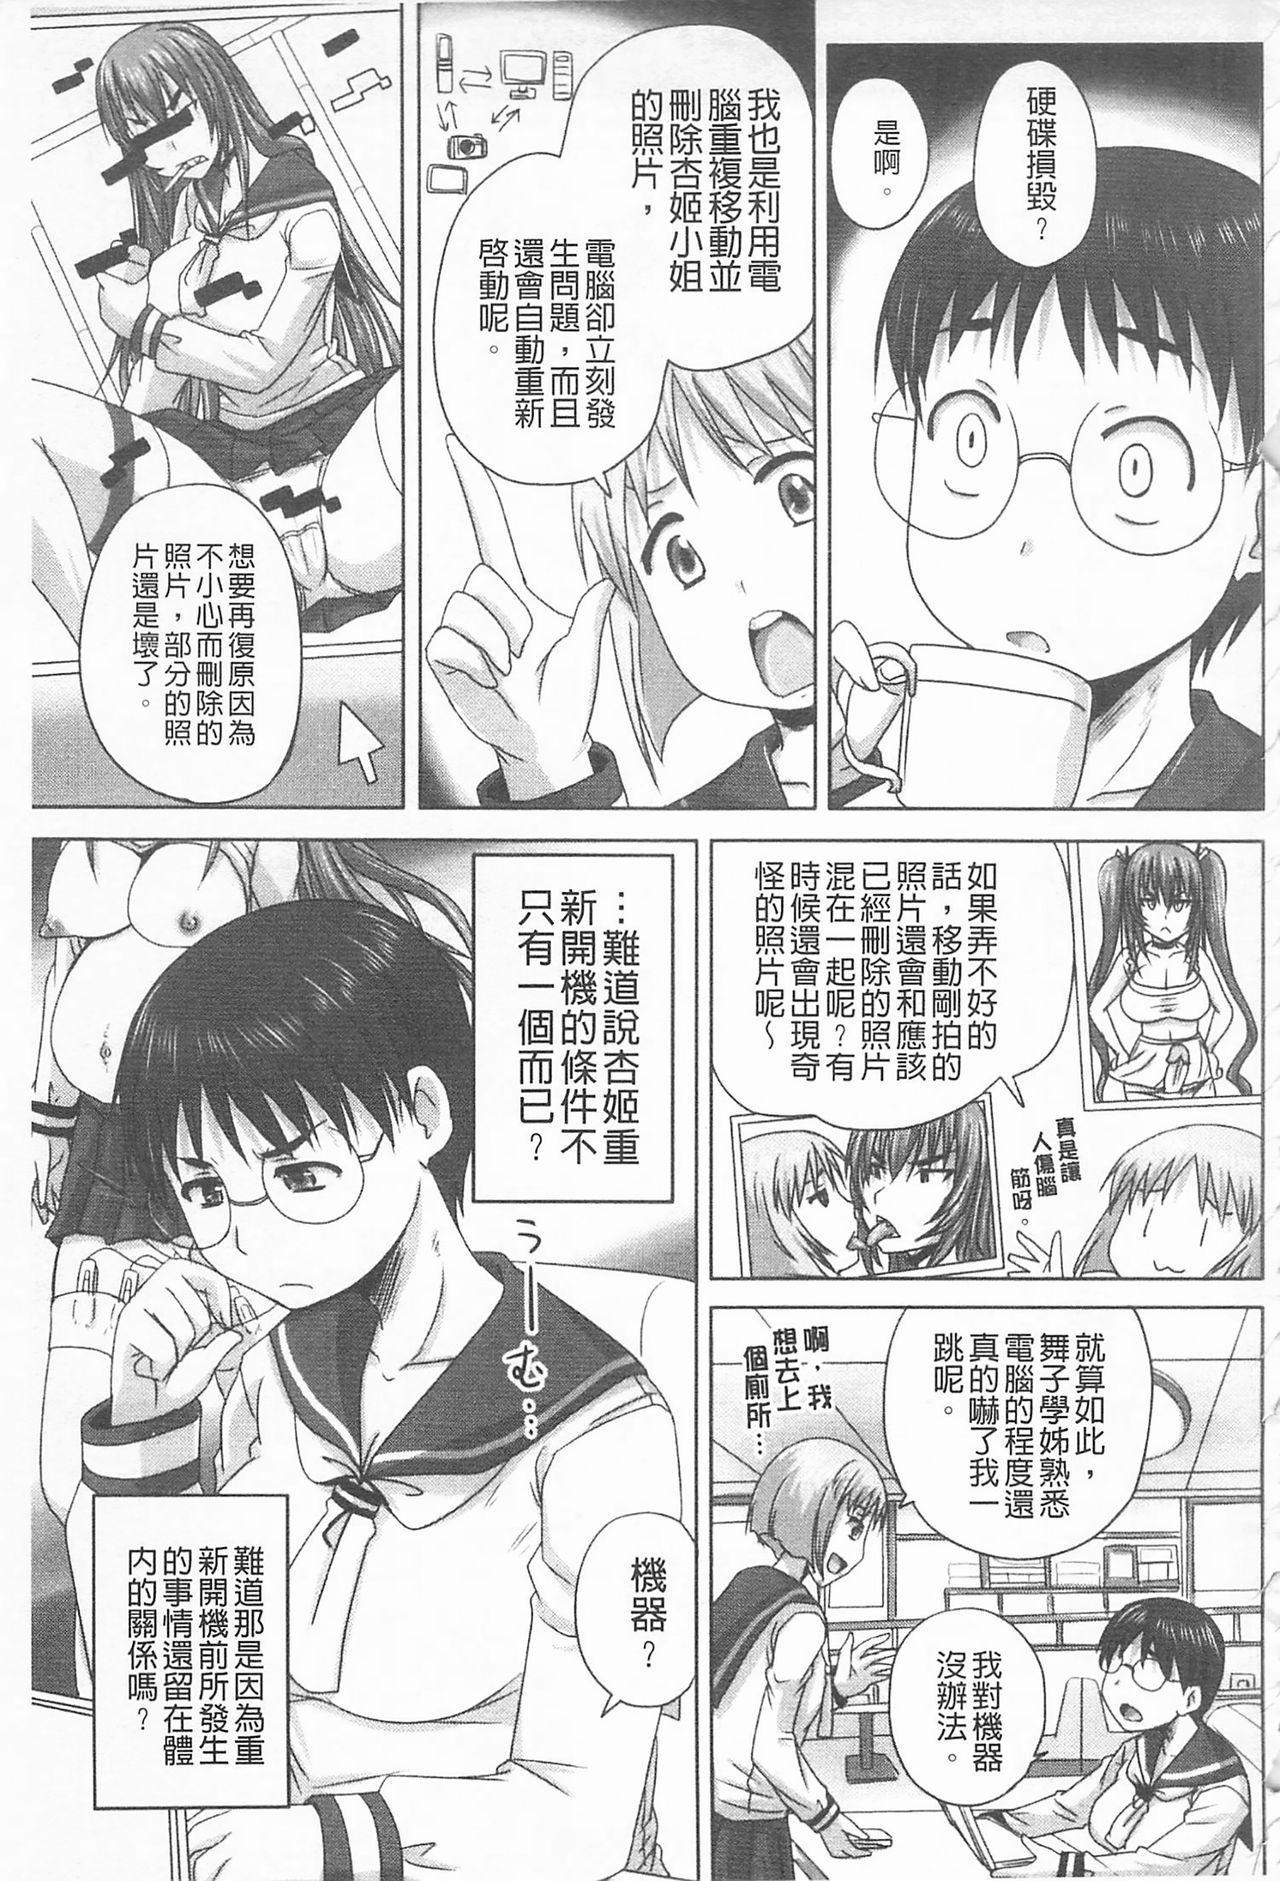 [Nozarashi Satoru] Do S na Hime wa Kegasareru -Ouhou no Shou-   超S的公主被玷汙了 ~報應之章~ [Chinese] 219